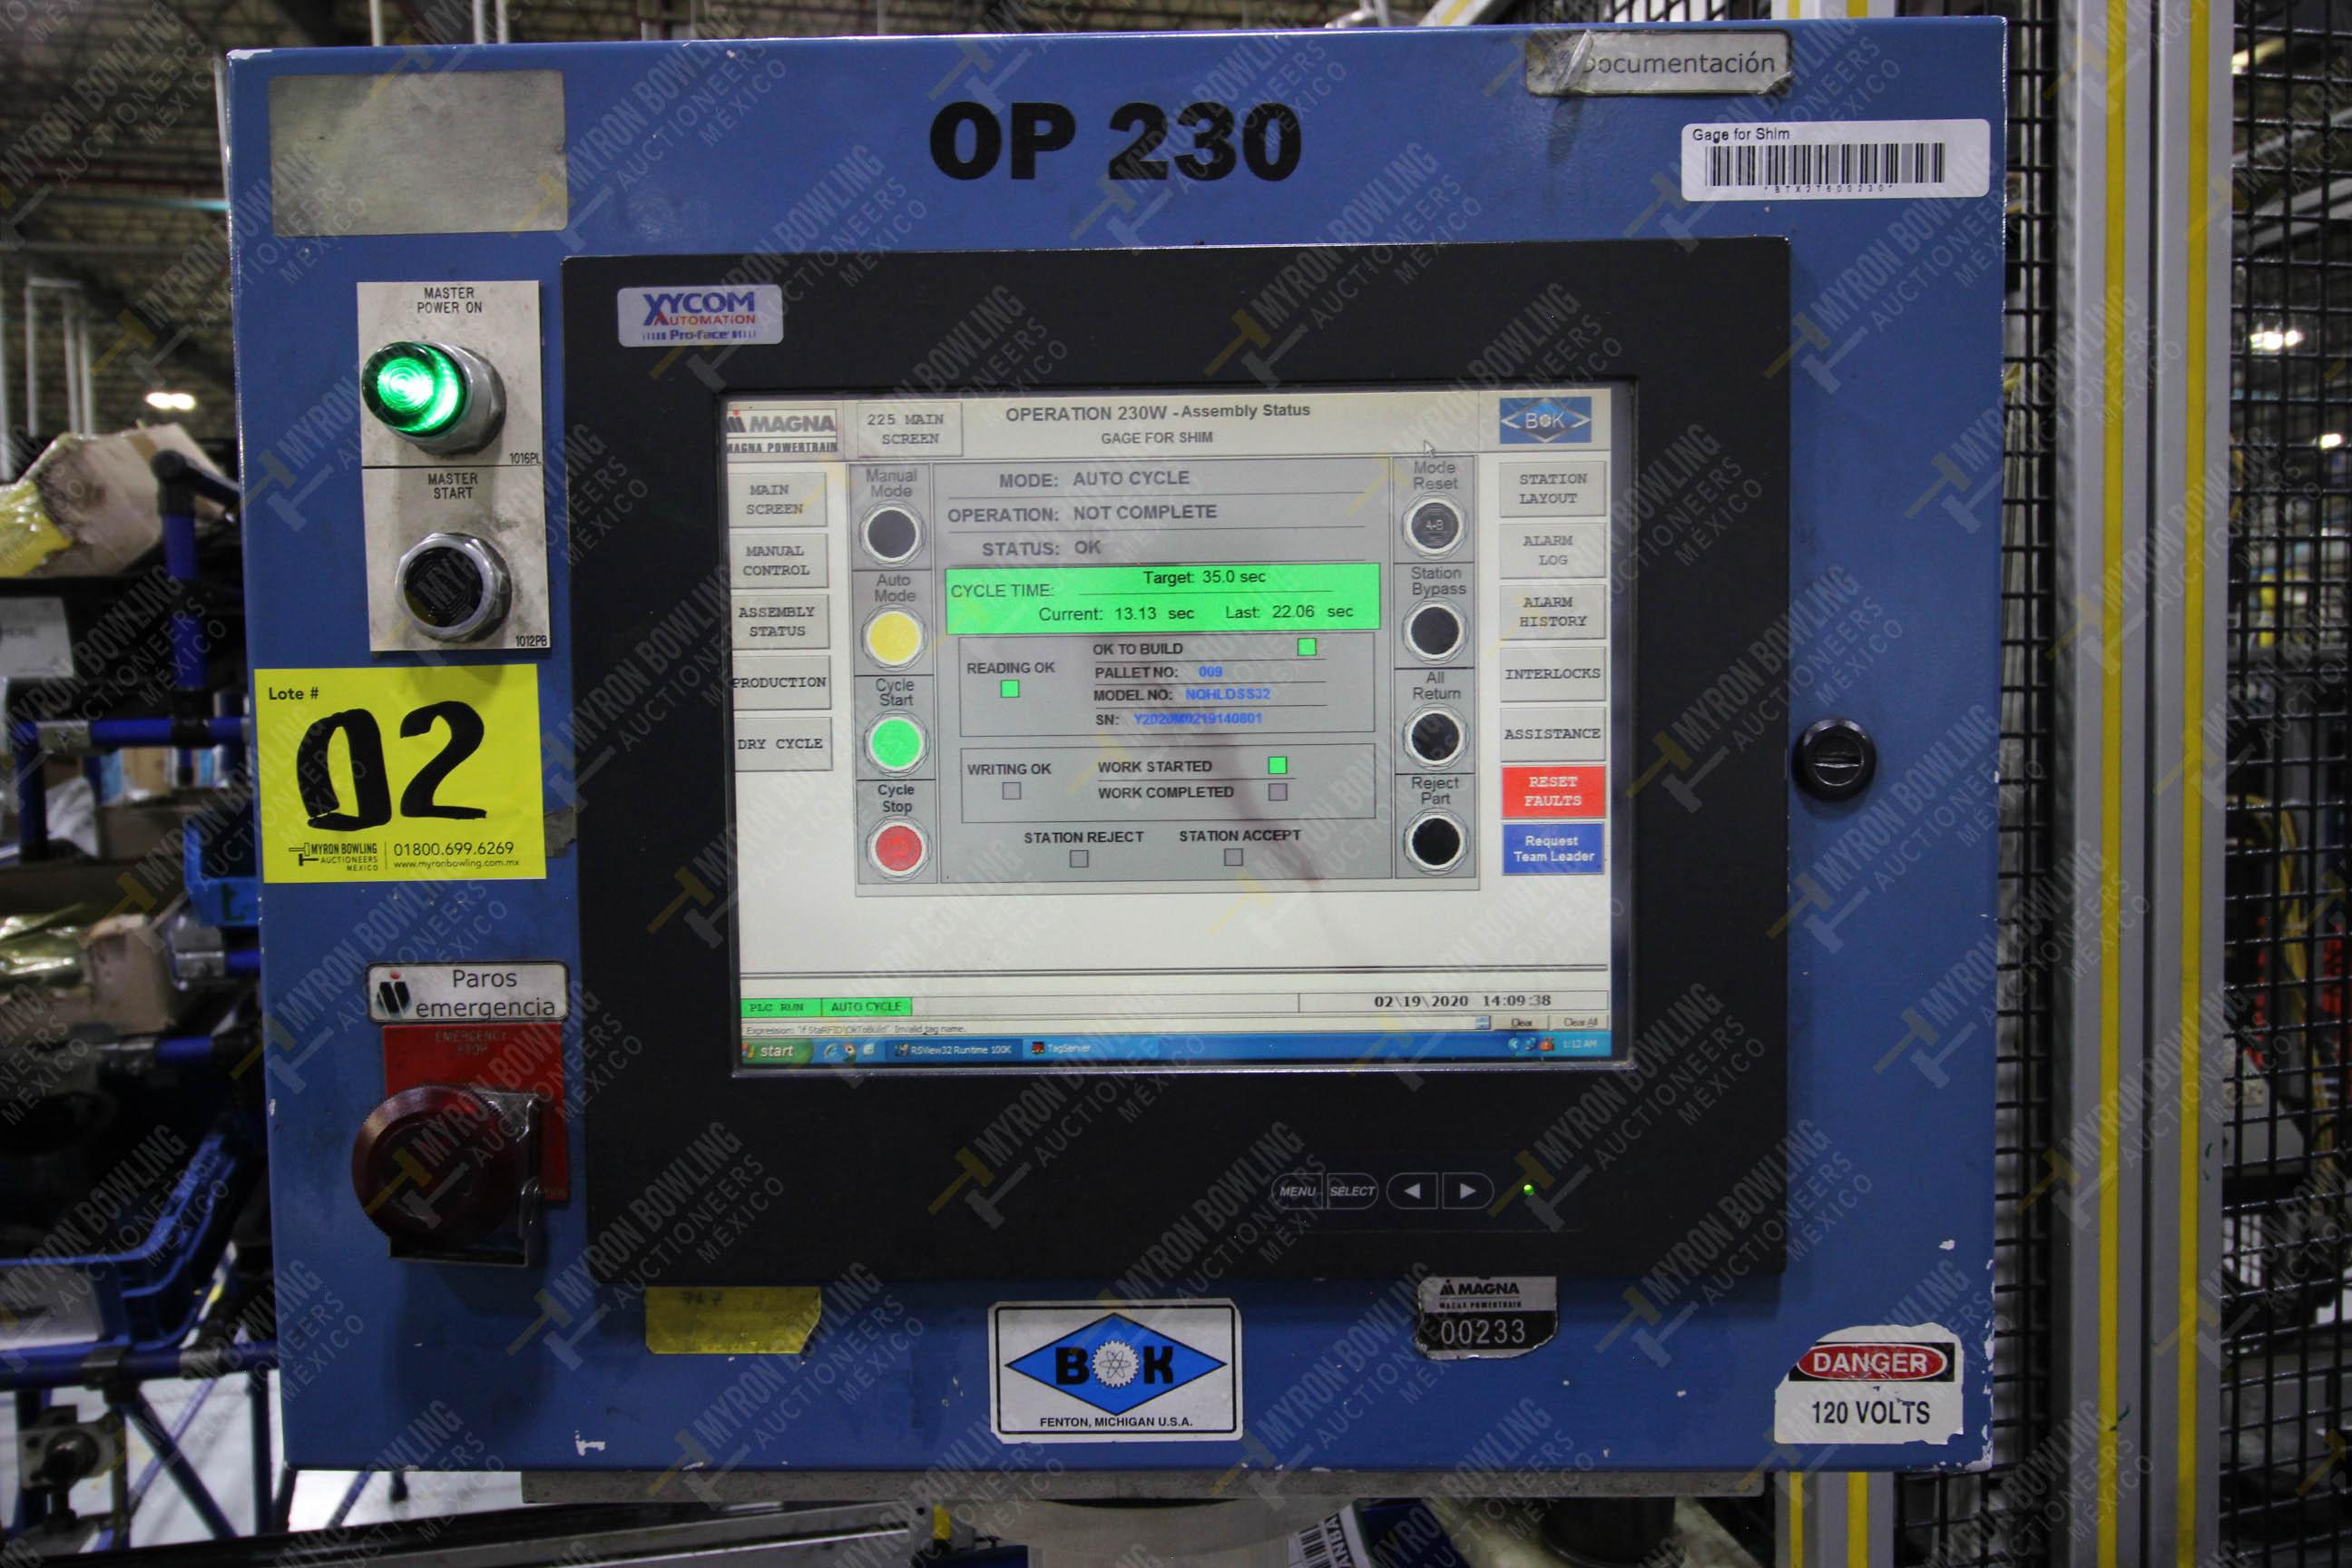 Estación automática para operación 230, para medición de gap - Image 23 of 36